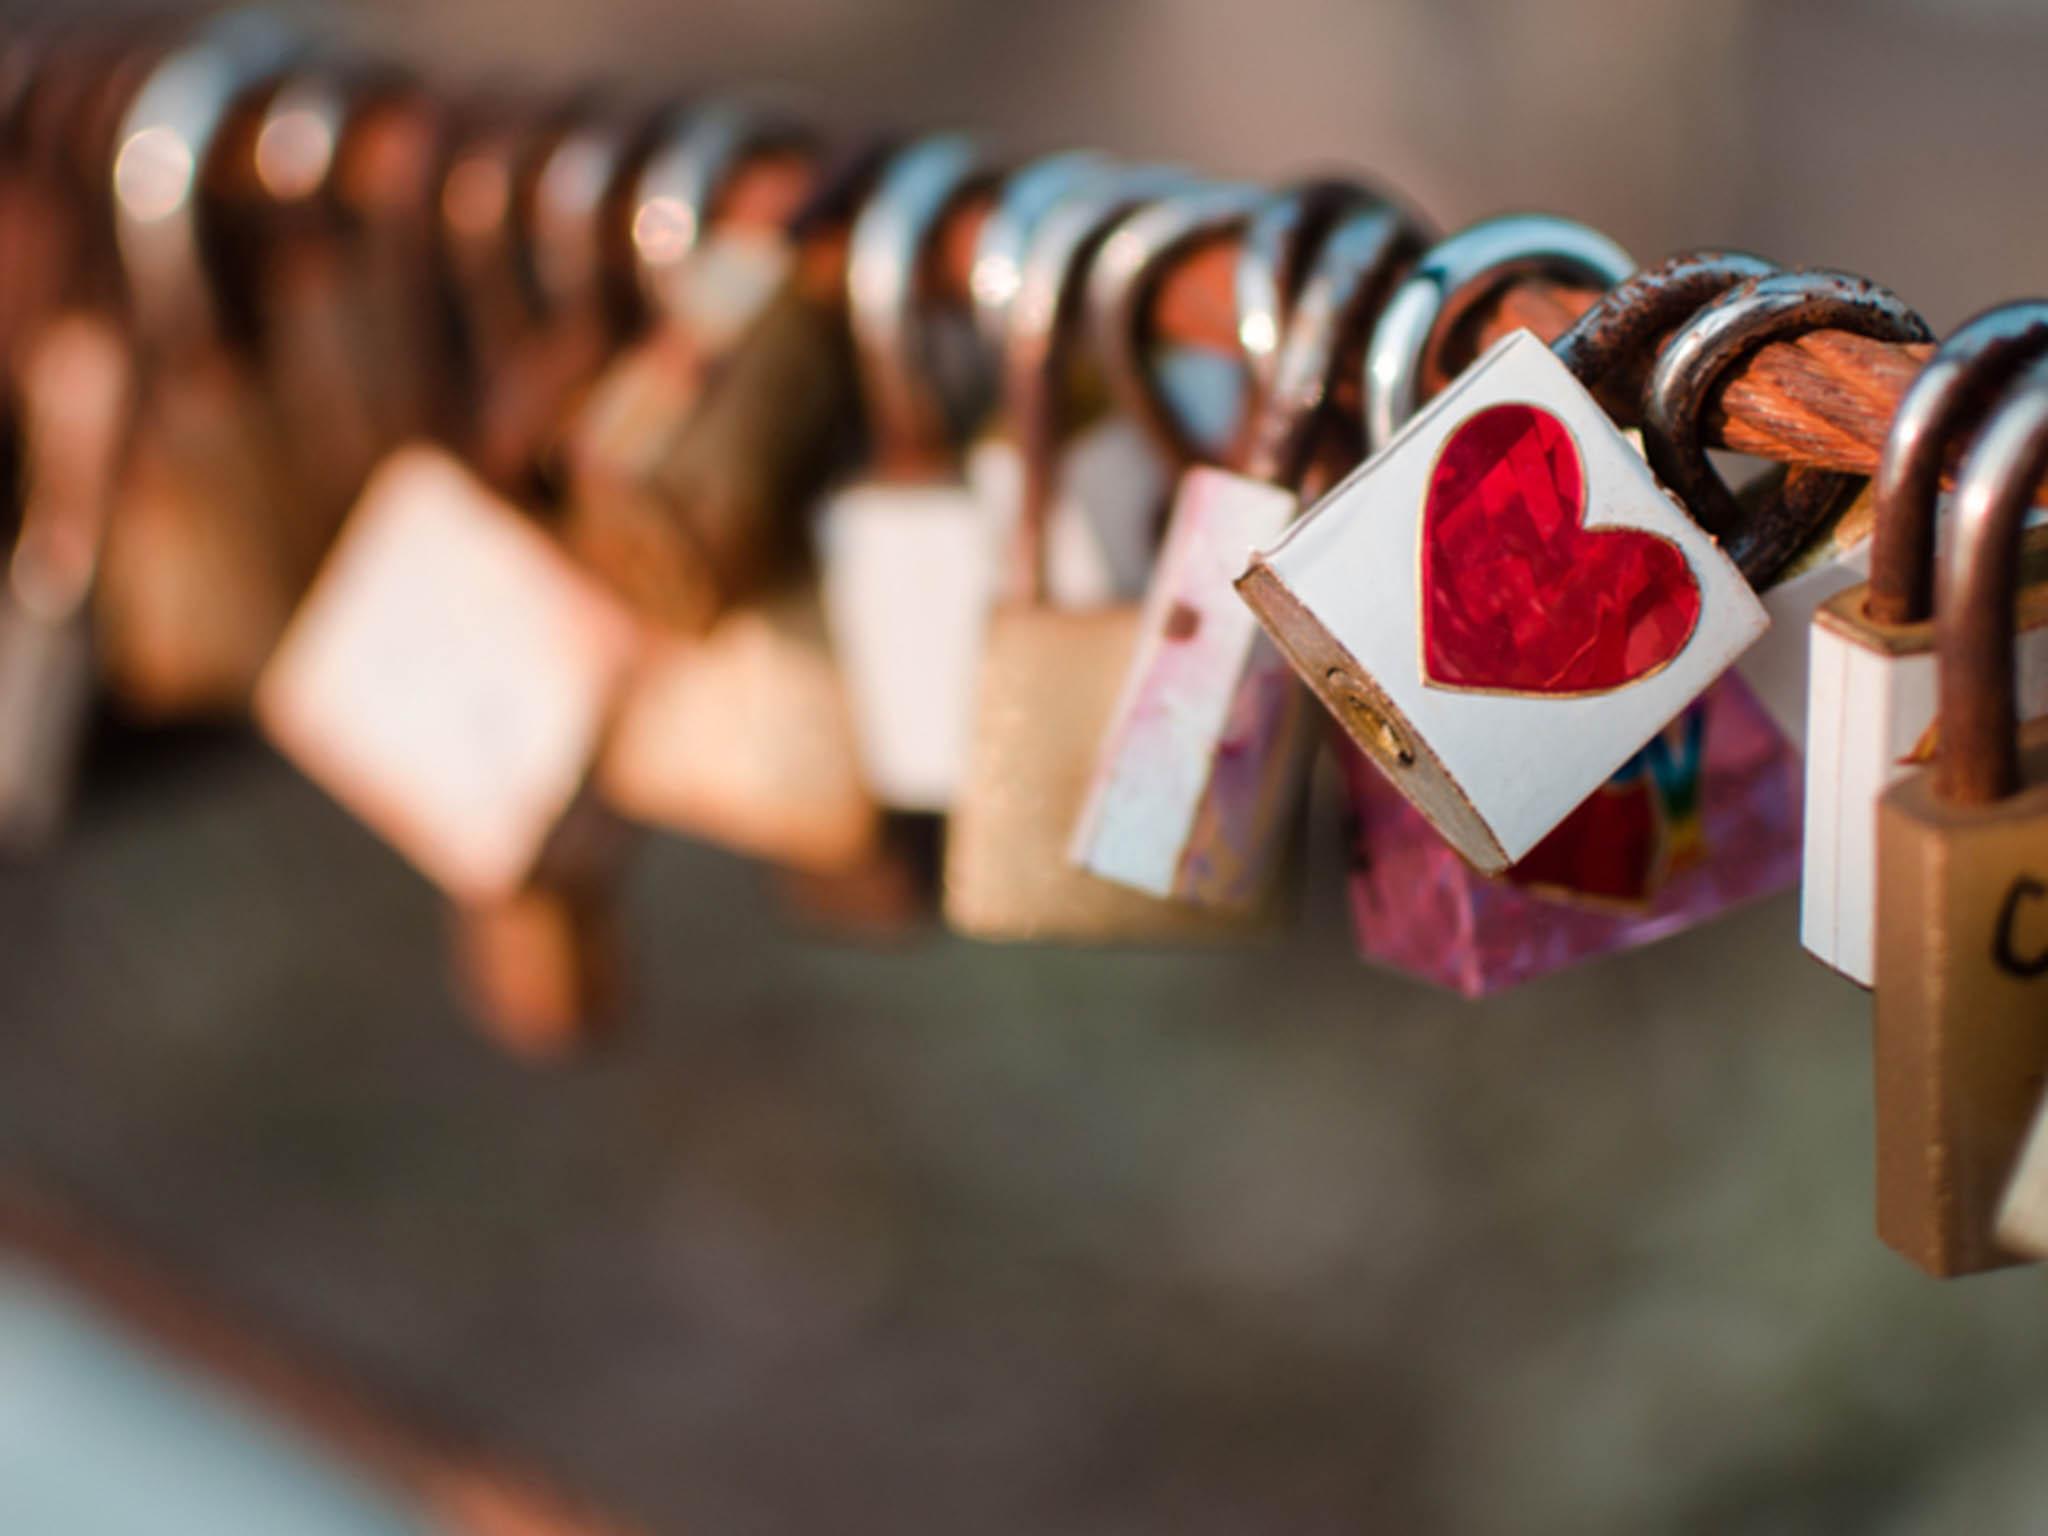 بالصور كلمات حب رومانسية , اجمل كلمات الحب والرومانسيه 1210 7